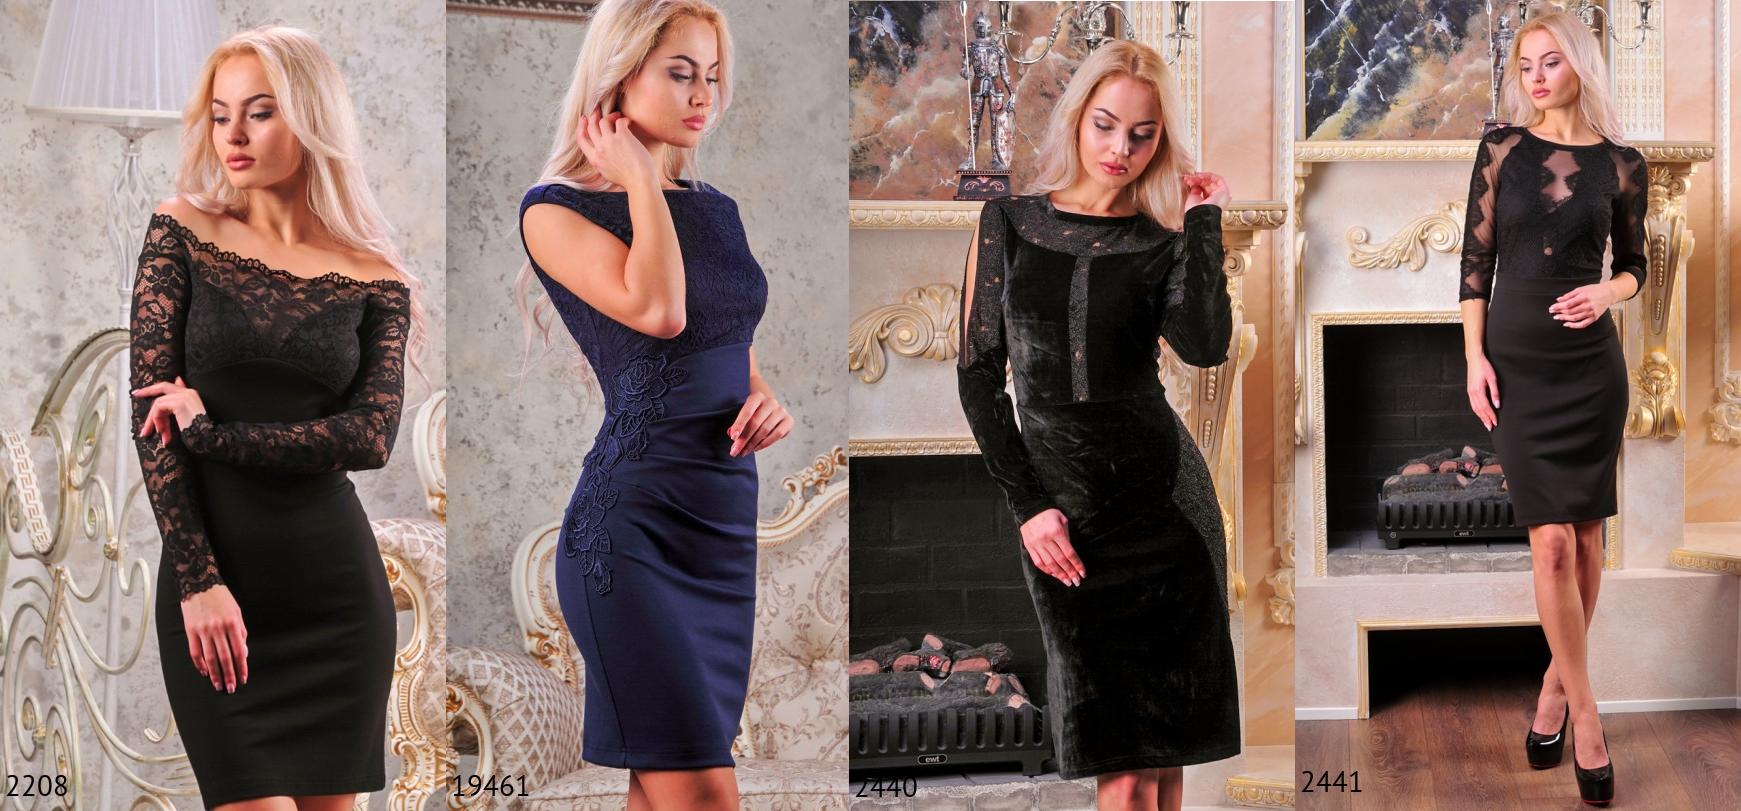 Шикарные платья к новогодним праздникам! Без рядов! Выбираем пока хорошее наличие.